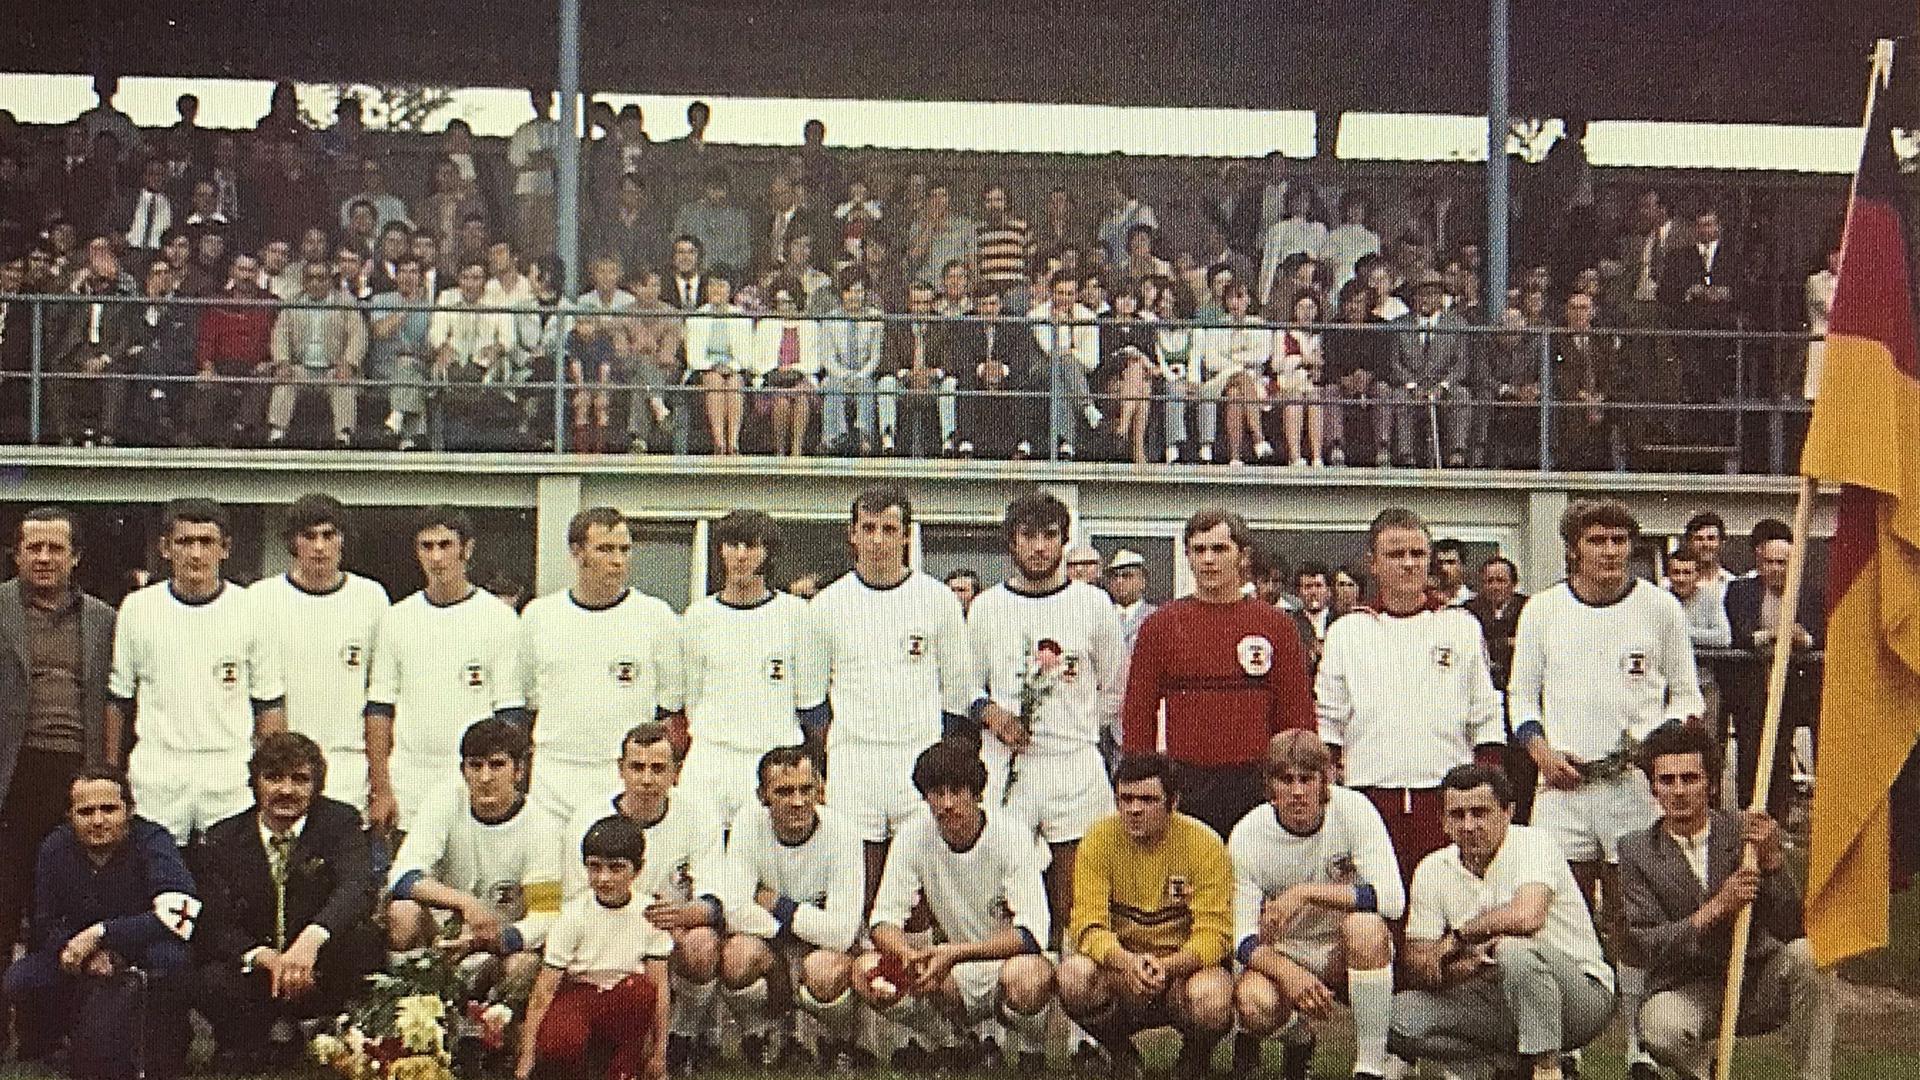 Meisterlich: Die Mannschaft des FC Sloga Rotenfels sicherte sich am 31. Mai 1971 im Kuppenheimer Wörtelstadion den Titel in der C-Klasse, Staffel 3, des Fußballbezirks Baden-Baden.